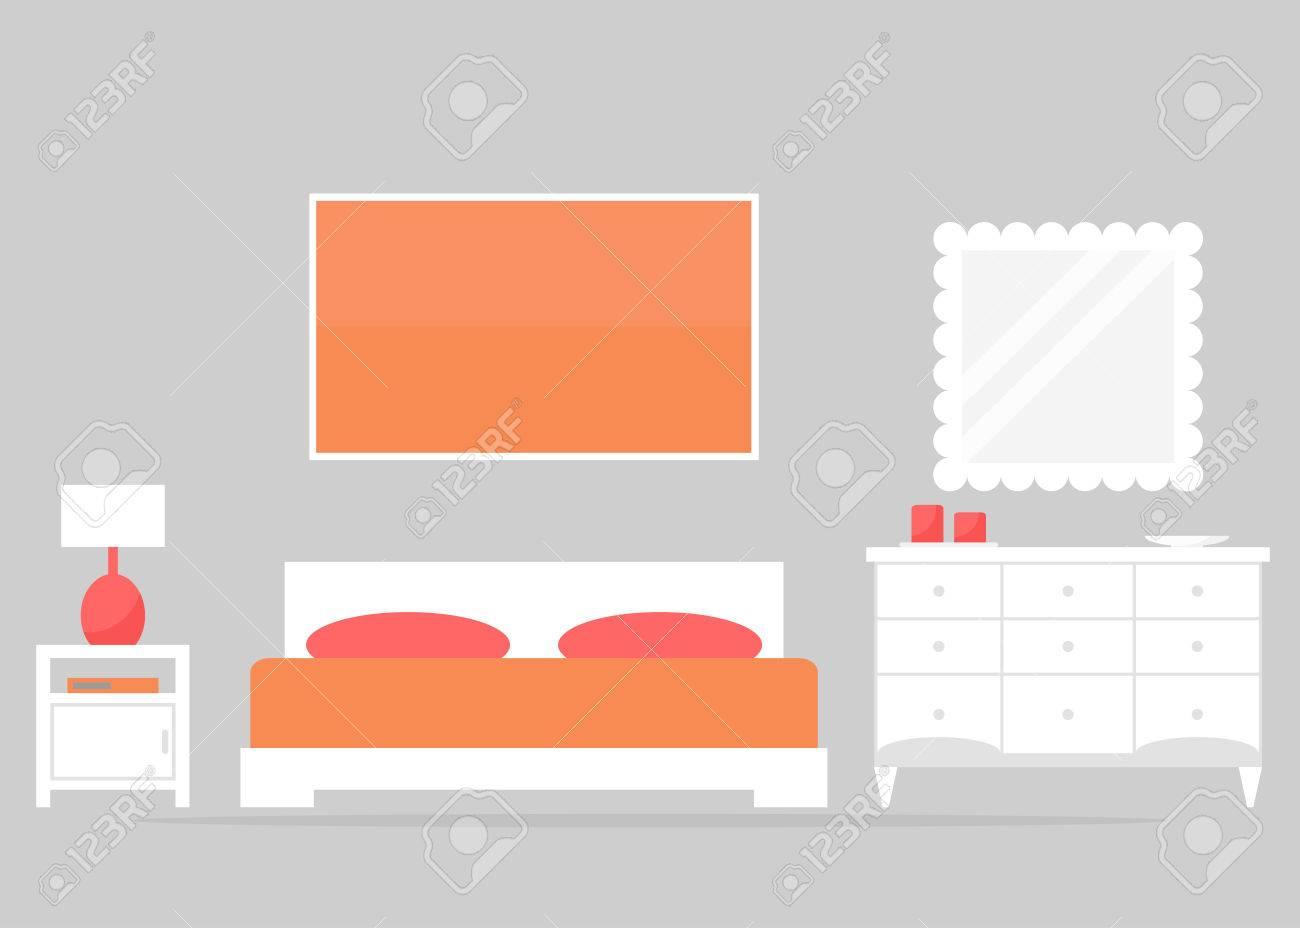 Diseño Interior Del Dormitorio. Muebles Modernos Dormitorio: Cama ...